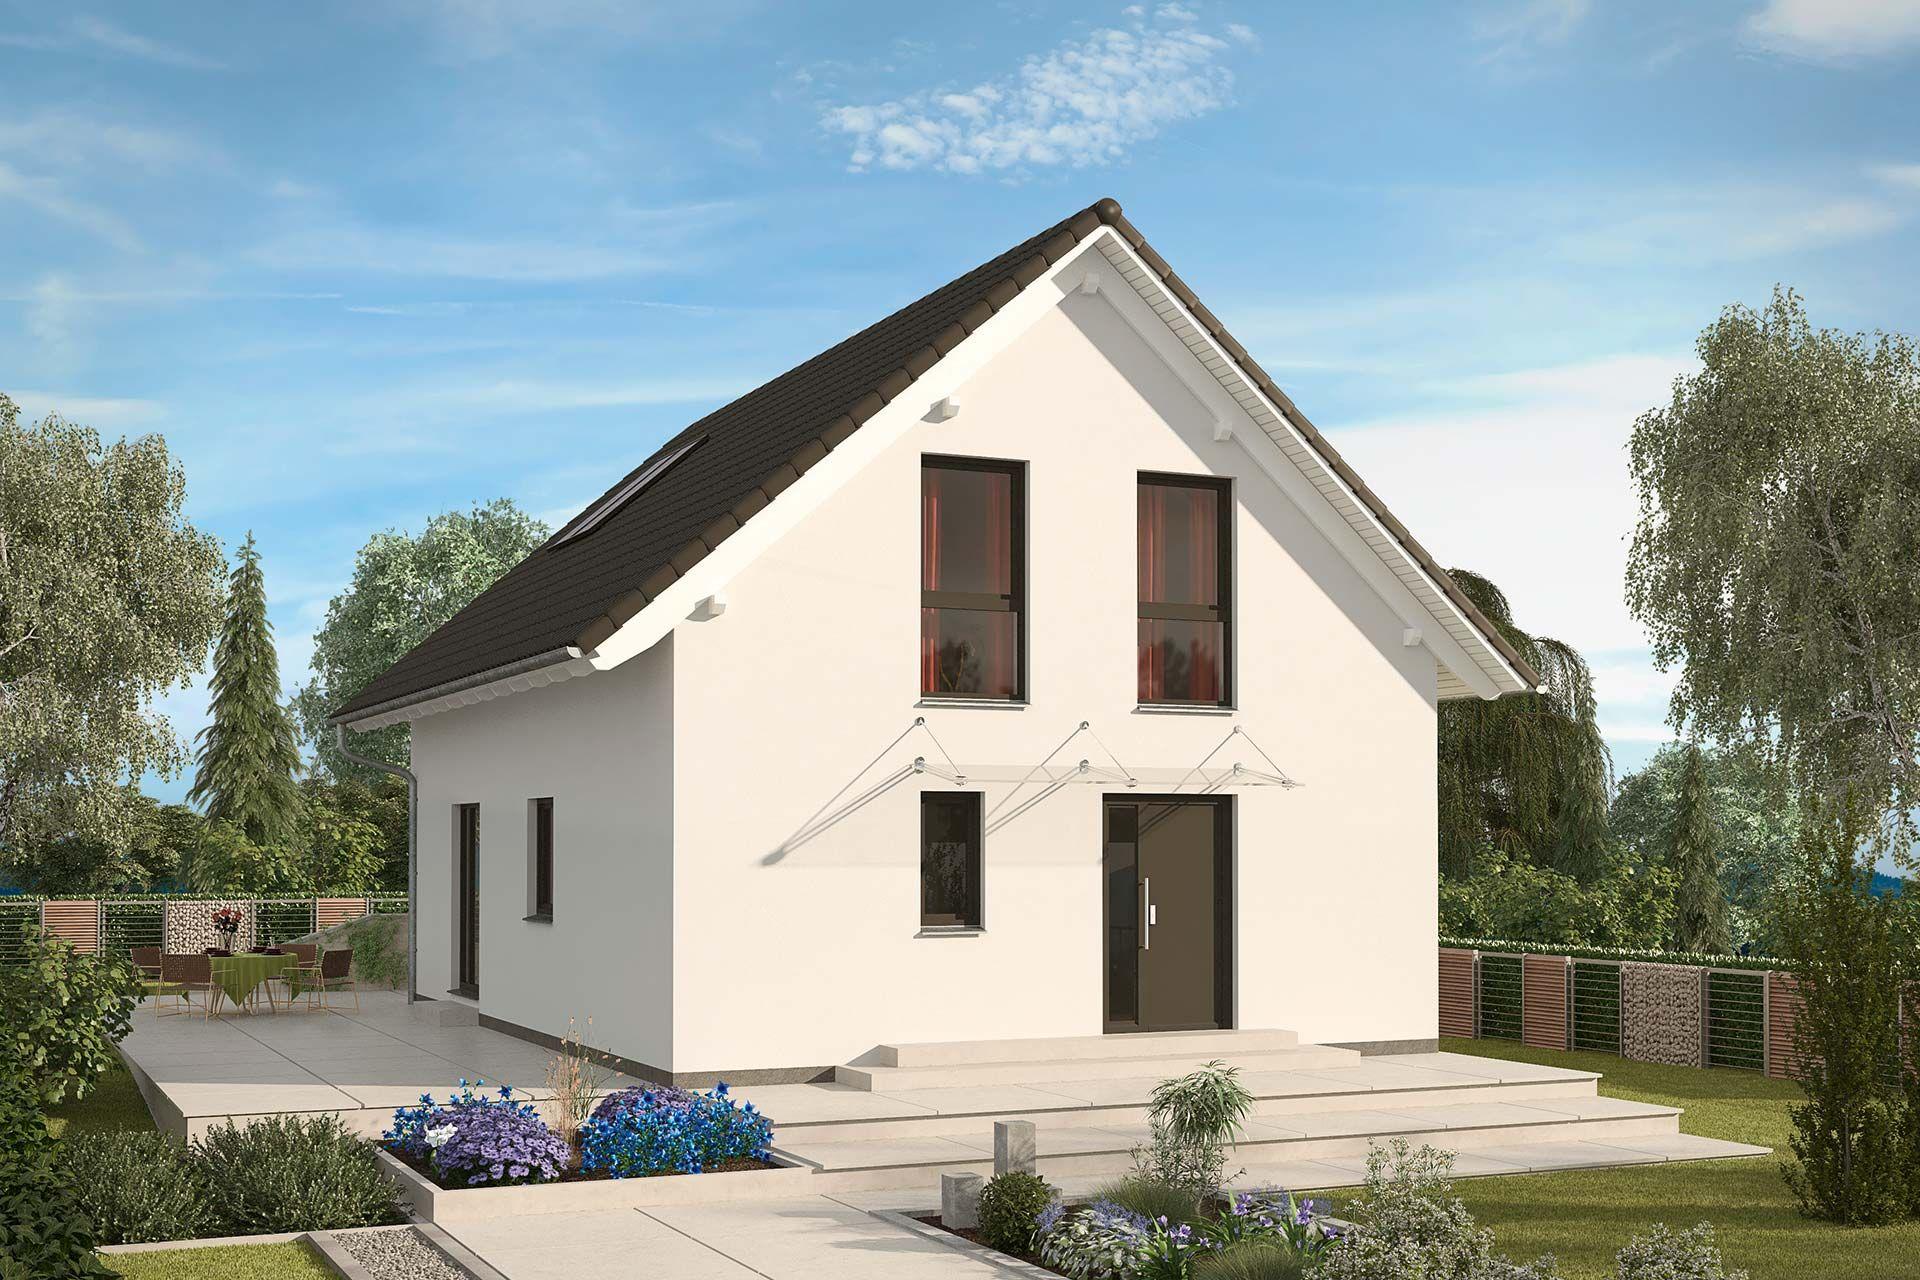 Einfamilienhaus günstig bauen - Akazienallee - idealer ...